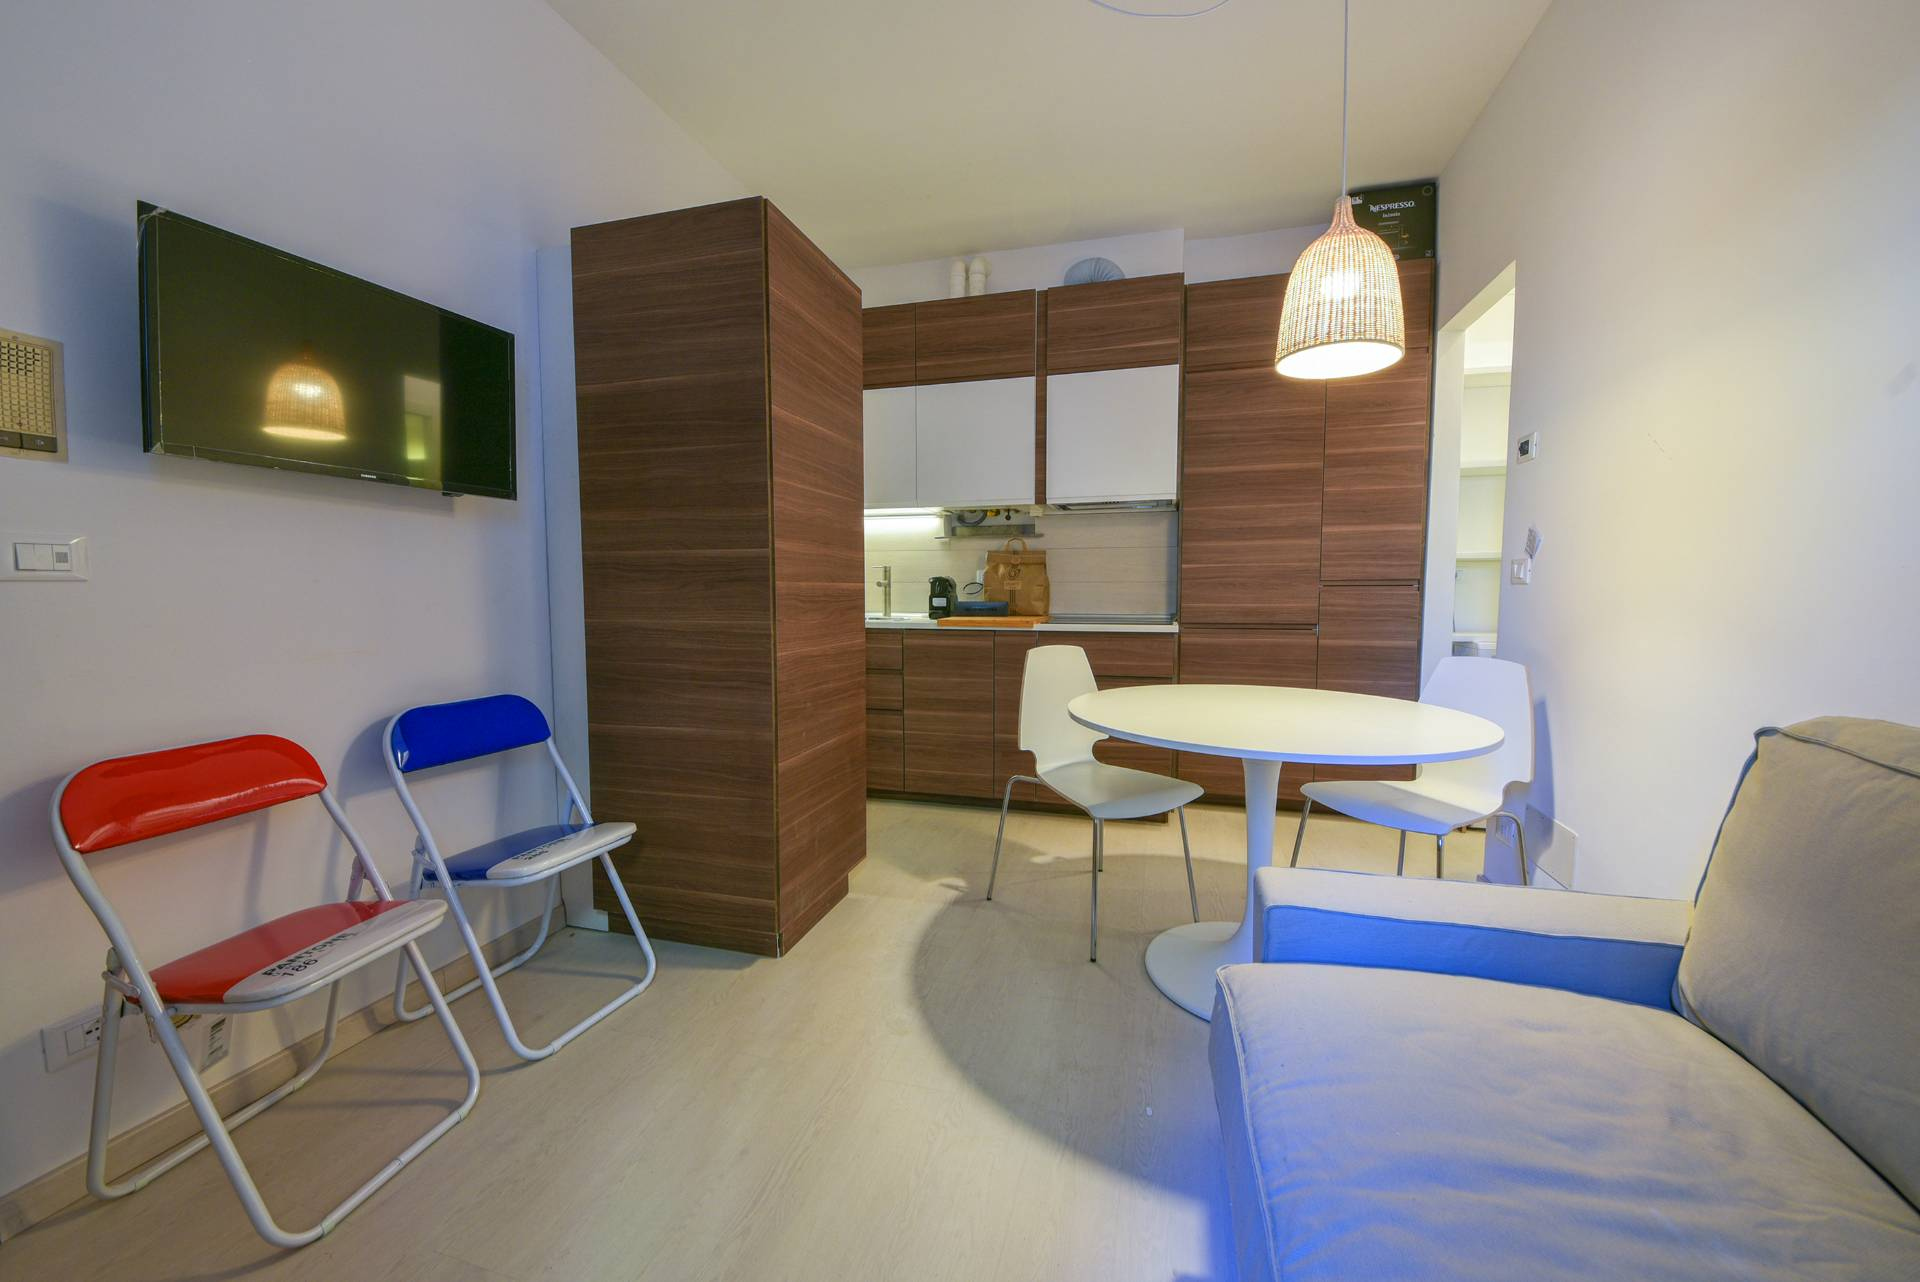 Appartamento in affitto a Varazze, 2 locali, zona Località: Varazze, prezzo € 650 | PortaleAgenzieImmobiliari.it